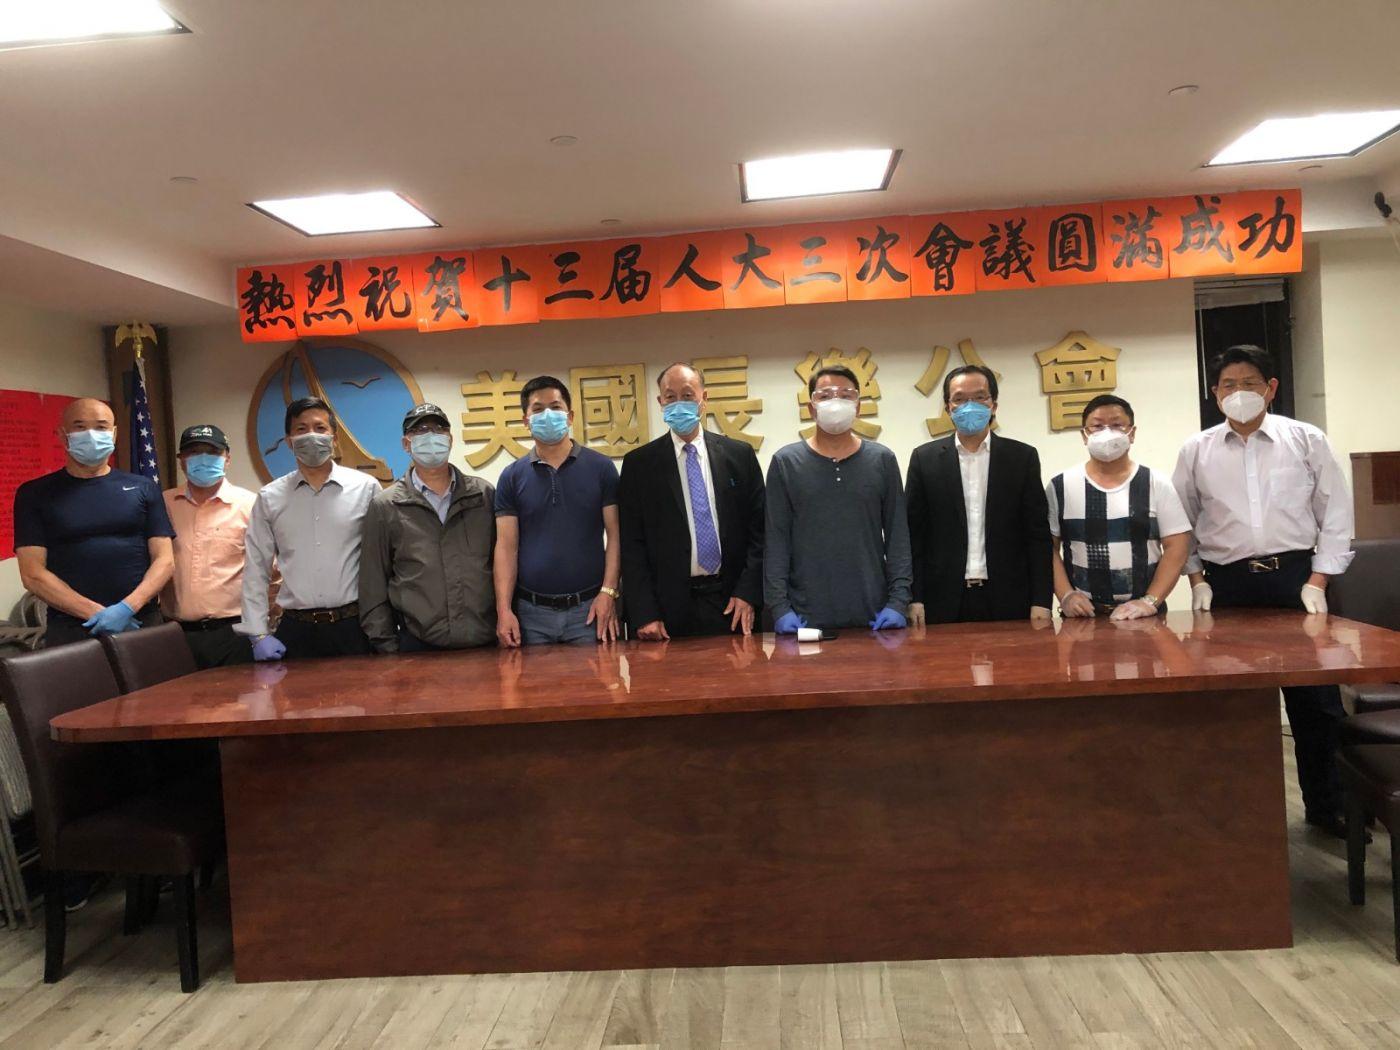 """支持立法决议 繁荣稳定香港 ——美国长乐公会座谈""""两会""""_图1-4"""